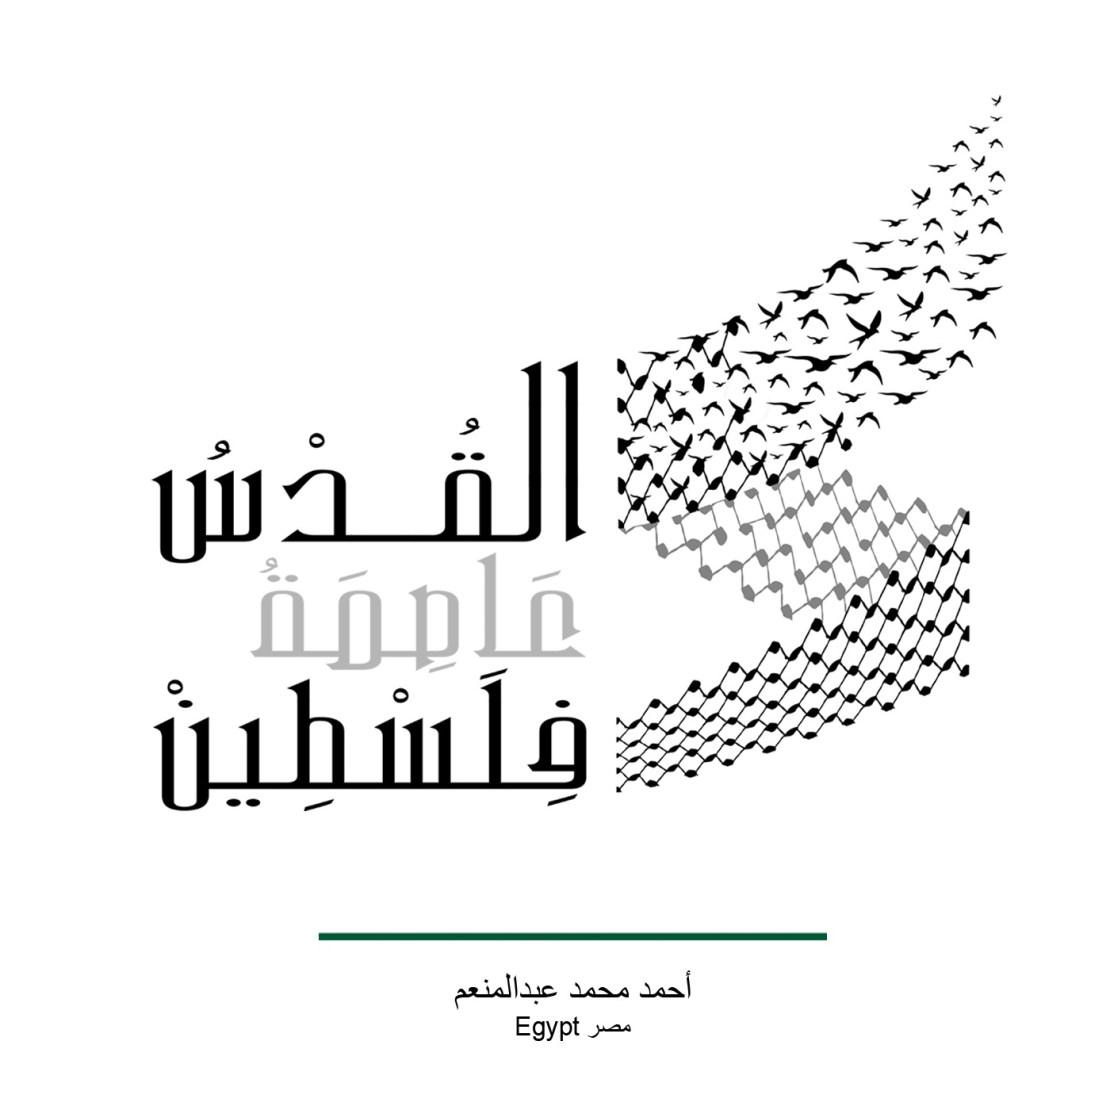 نتيجة مسابقة شعار القدس عاصمة فلسطين